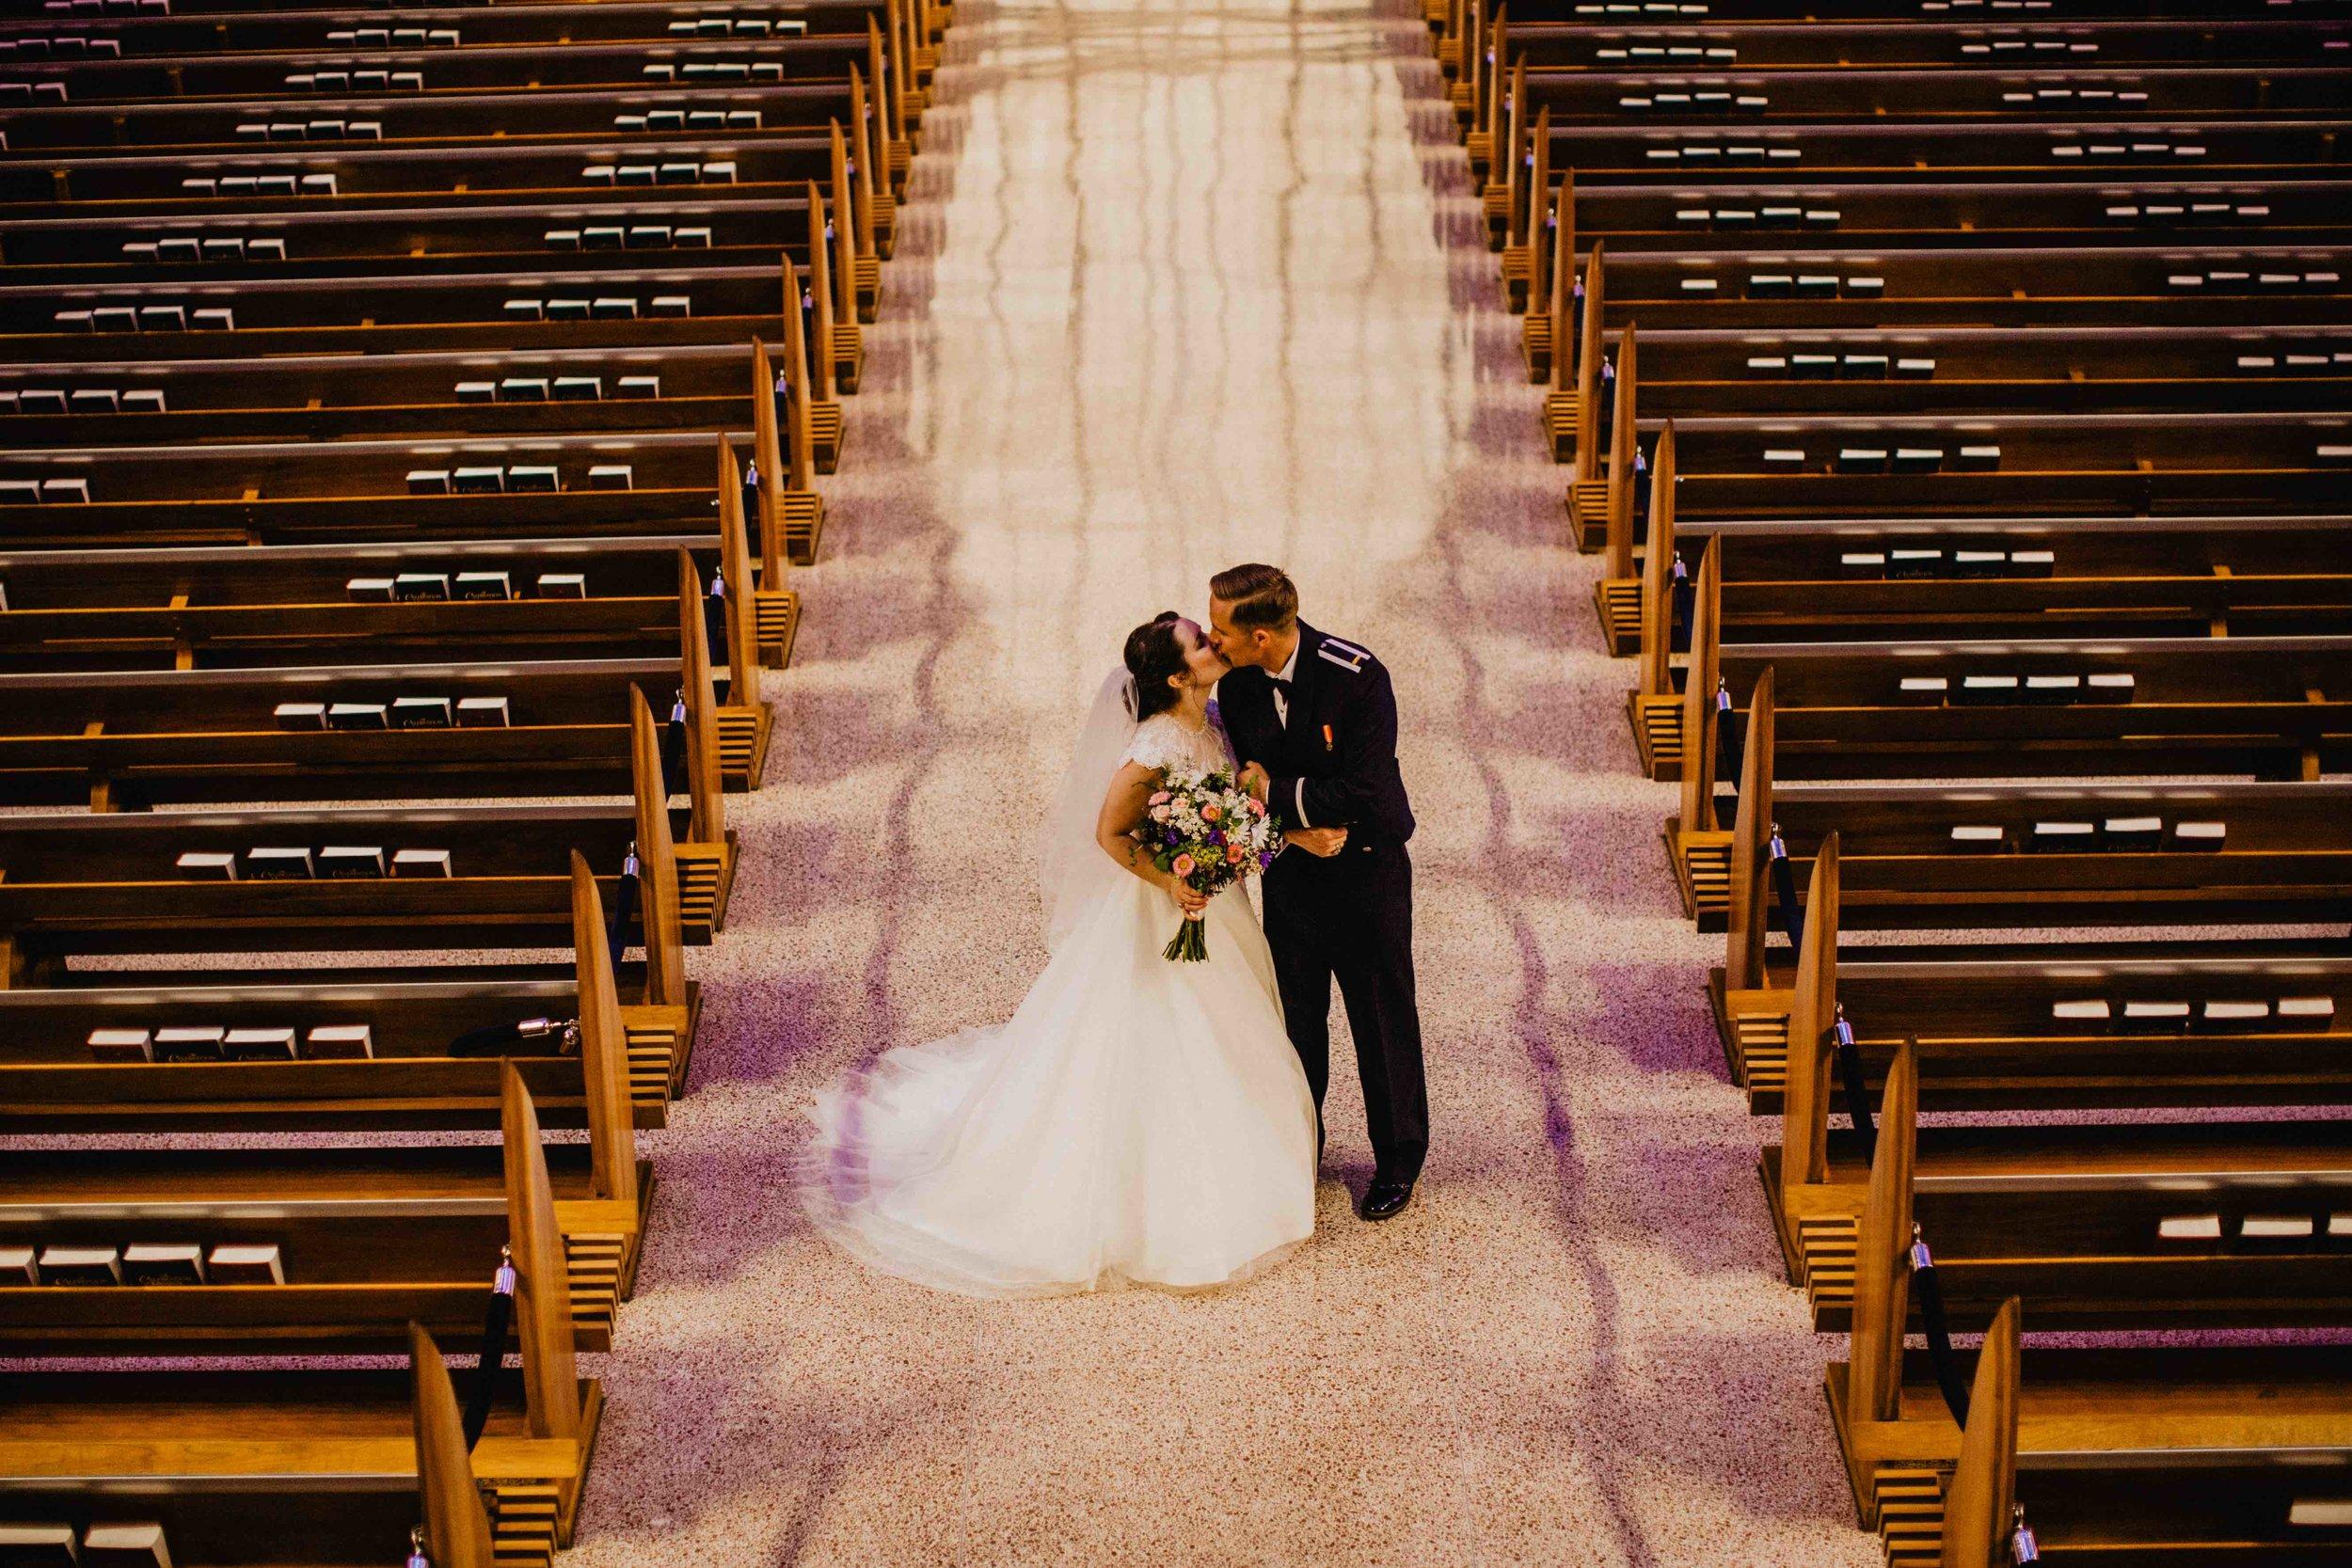 4W7A9802-colorado-wedding-photographer-denver-springs-vail--colorado-wedding-photographer-denver-springs-vail-.jpeg